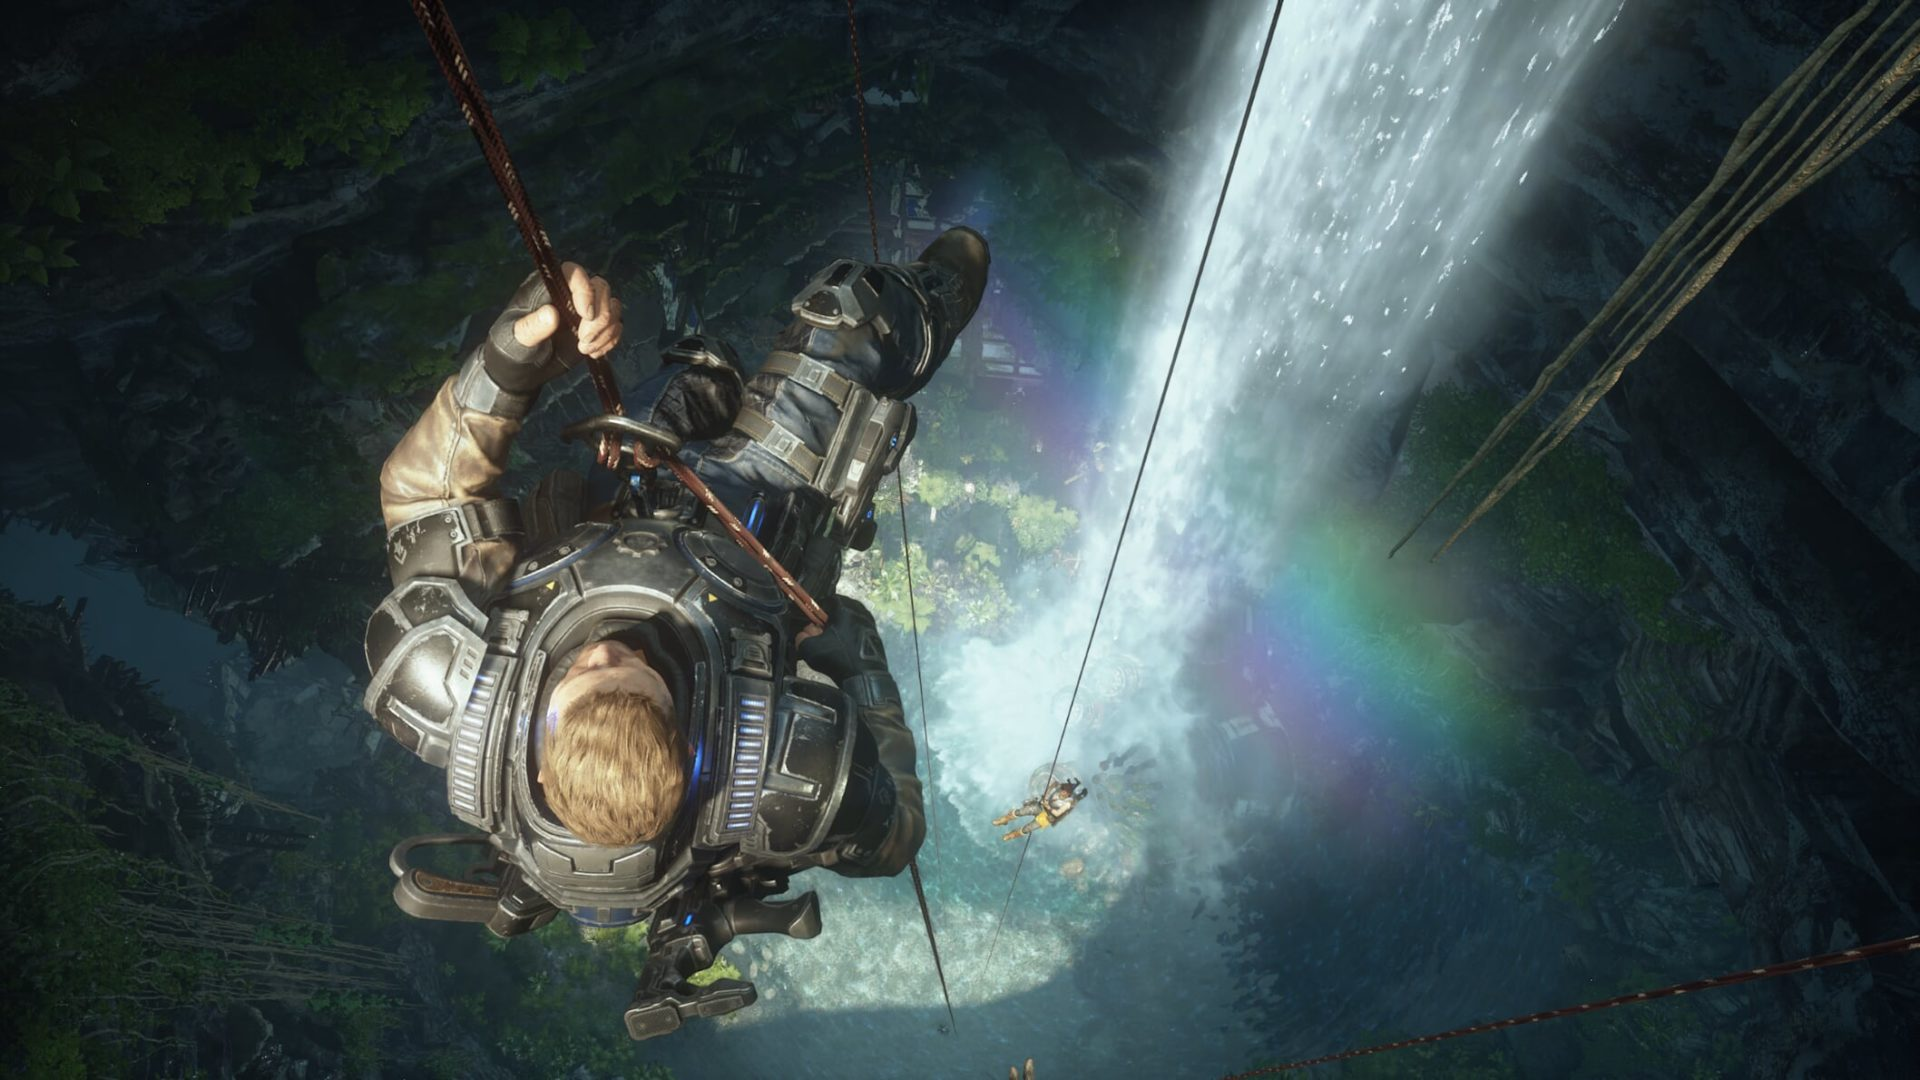 Gears of War 5 lighting effects